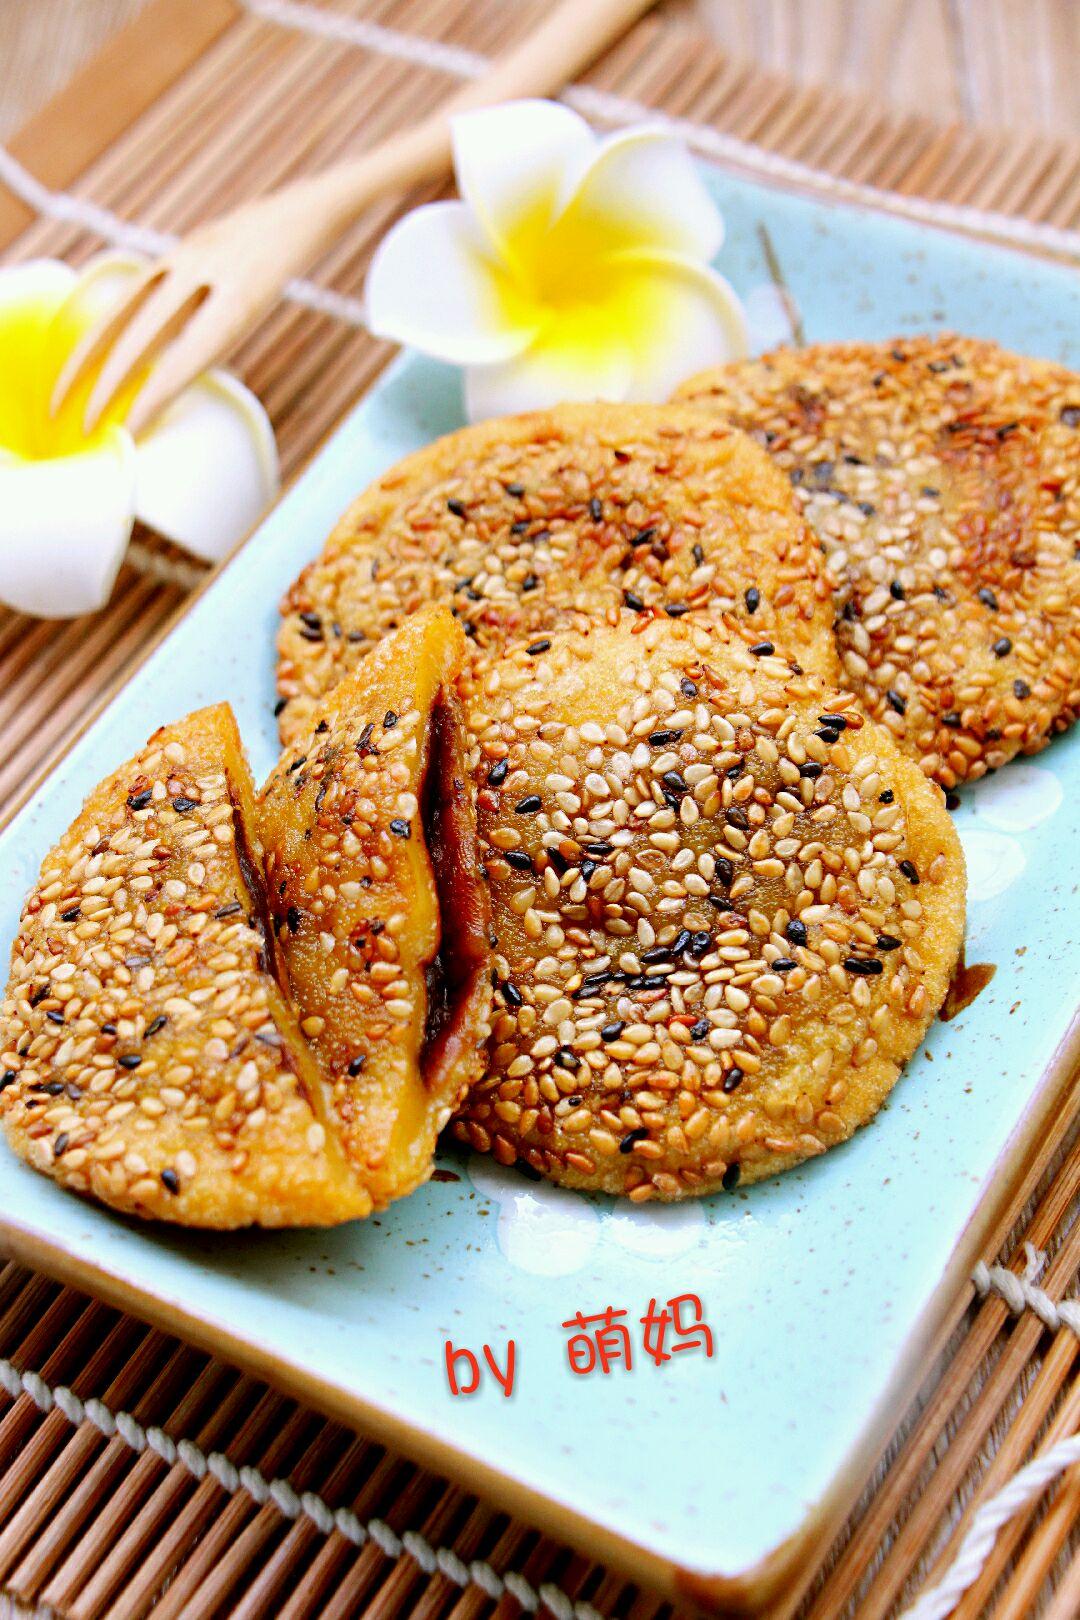 南瓜芝麻饼的做法_芝麻南瓜饼的做法_【图解】芝麻南瓜饼怎么做如何做好吃_芝麻